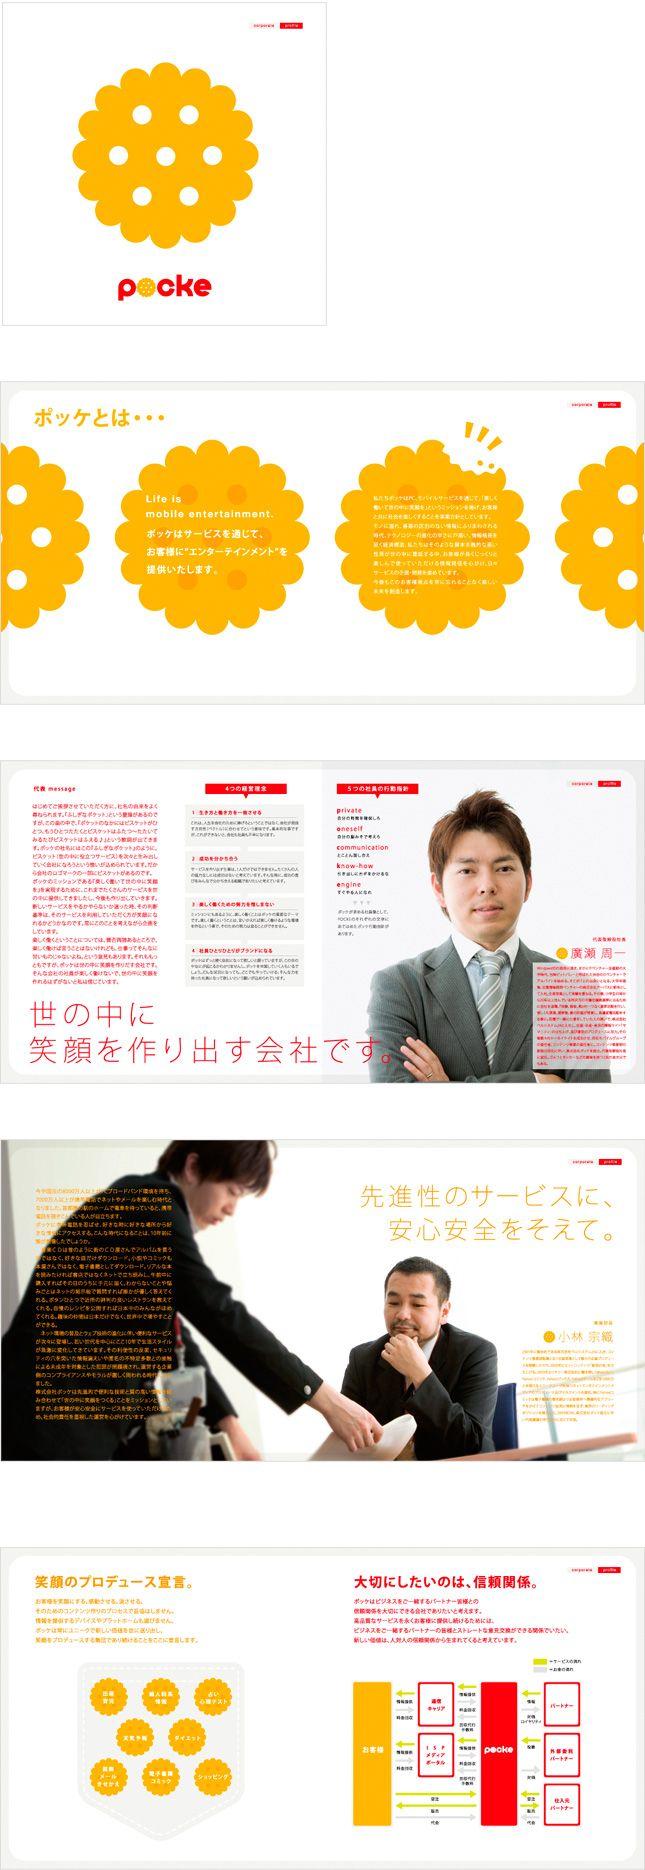 デザイン制作実績007/パンフレットデザイン.com